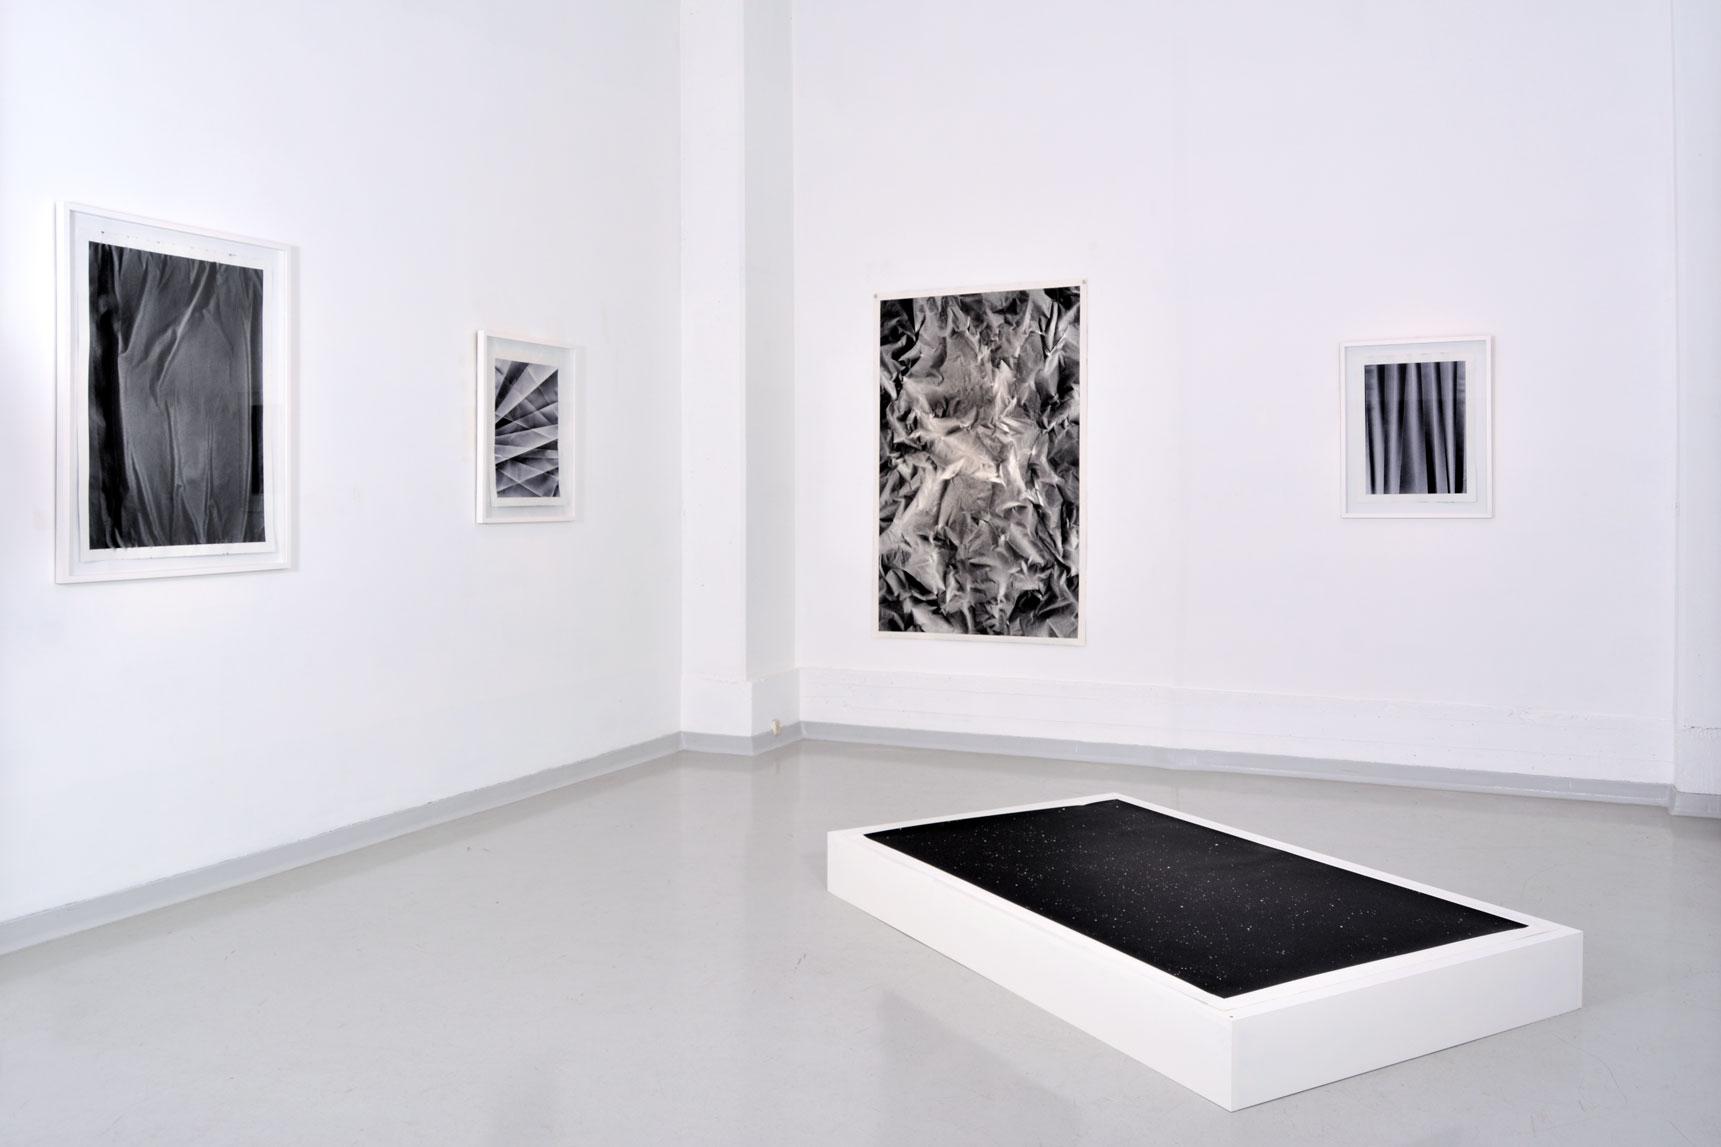 Benjamin Ottoz_ Double V Gallery_ Vue de l'exposition  Ninfa Fluida  Native Auctions  Bruxelles Peinture acrylique sur papiers, dimensions variables, 2017..jpg